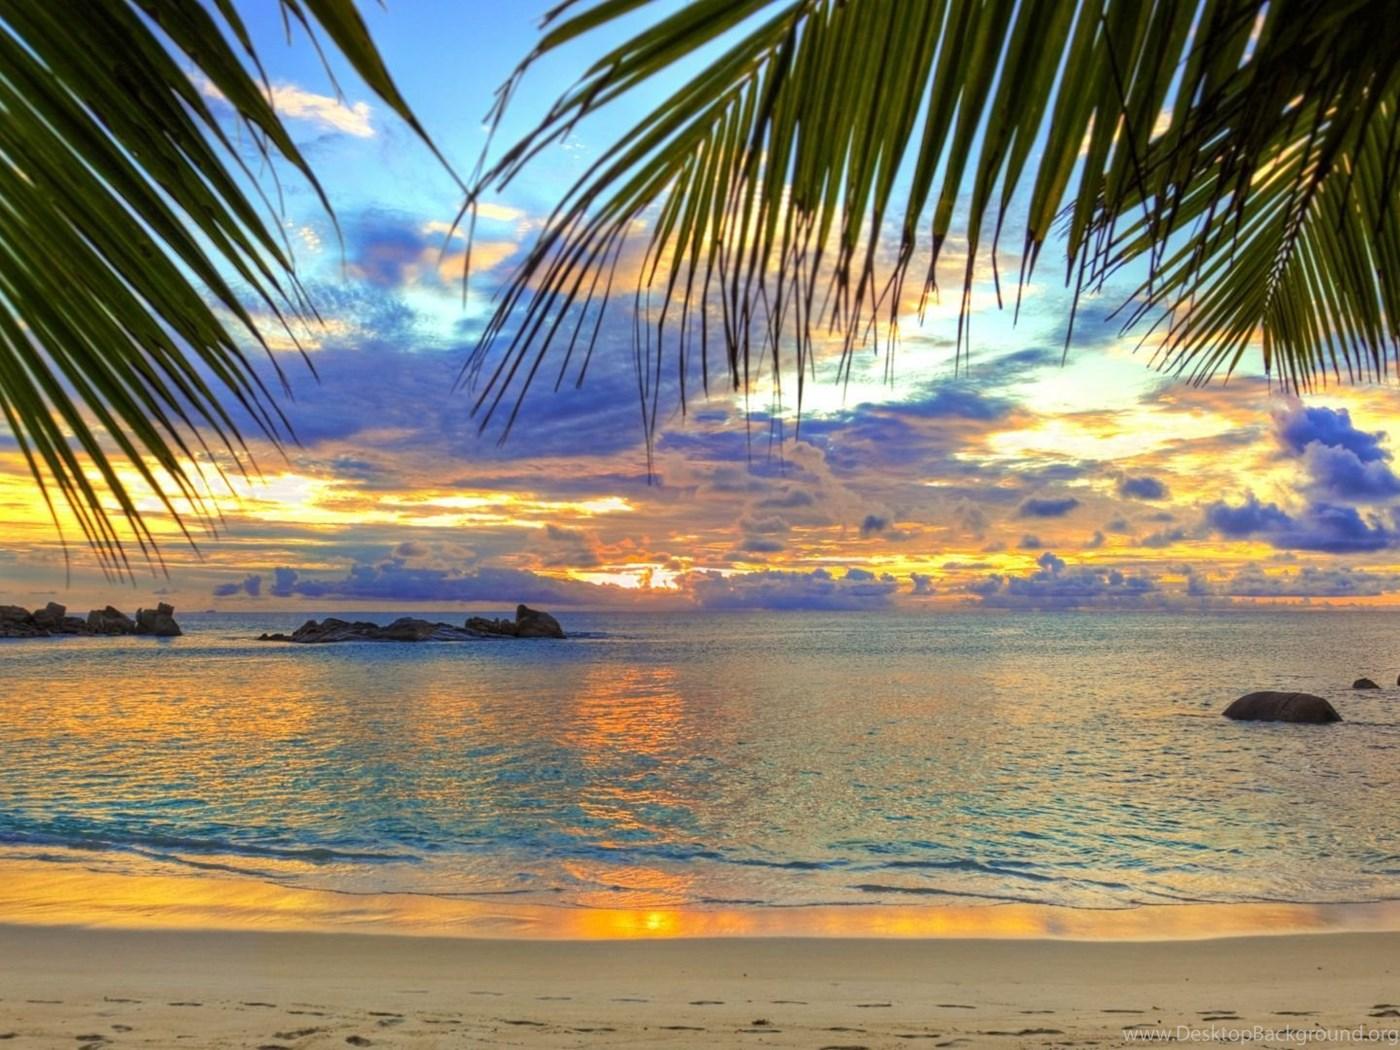 Full Hd 1080p Beach Wallpapers Hd Desktop Backgrounds 1920x1080